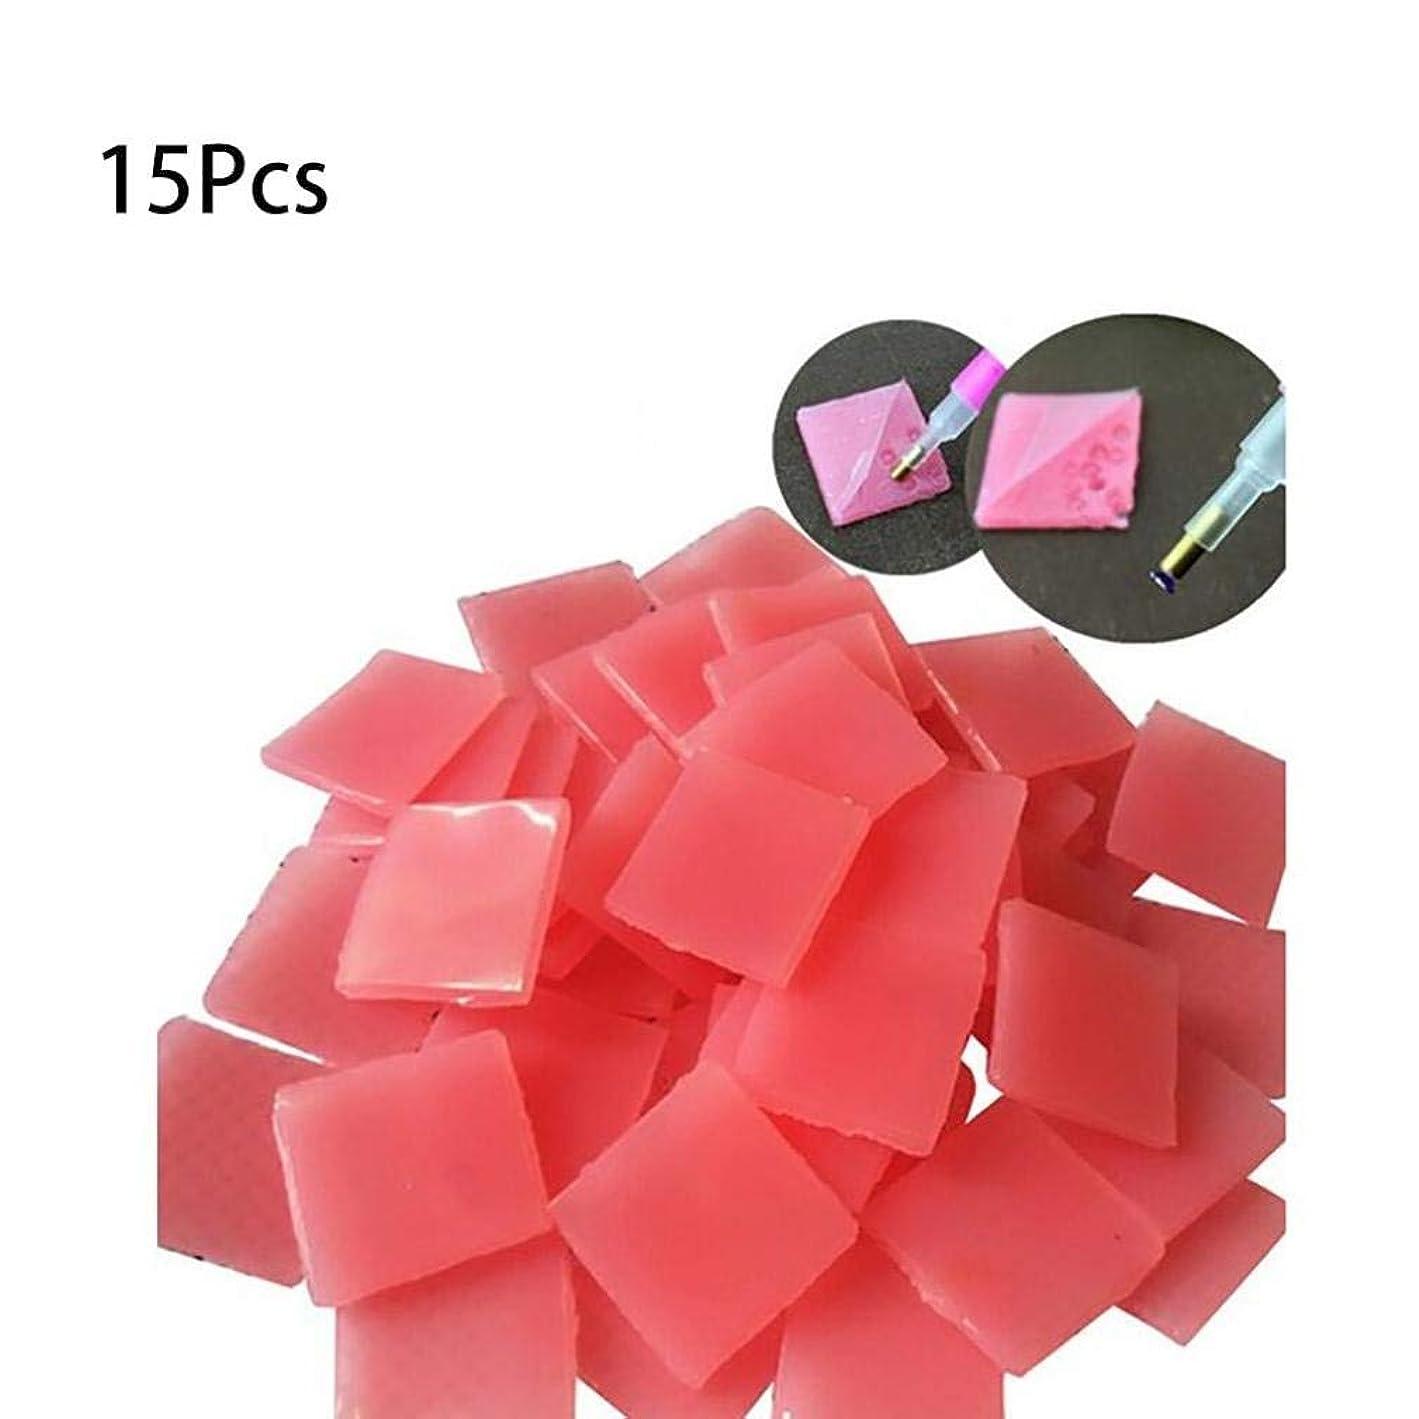 下位宣教師意欲Onior 5dダイヤモンドポイントペン、15個貼り付けDIYステッカー点描ダイヤモンドポイントペン掘削泥ネイルアートダイヤモンド刺繍ツール耐久性と実用的